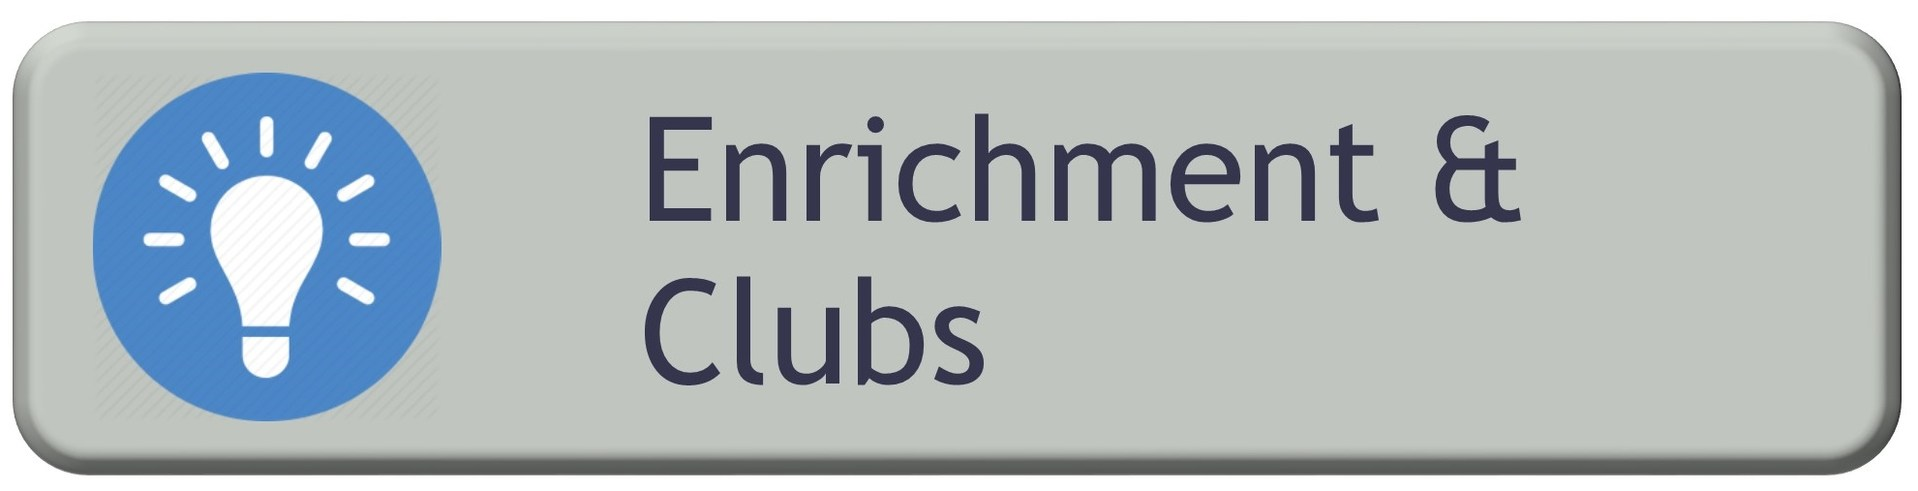 Enrichment & Clubs